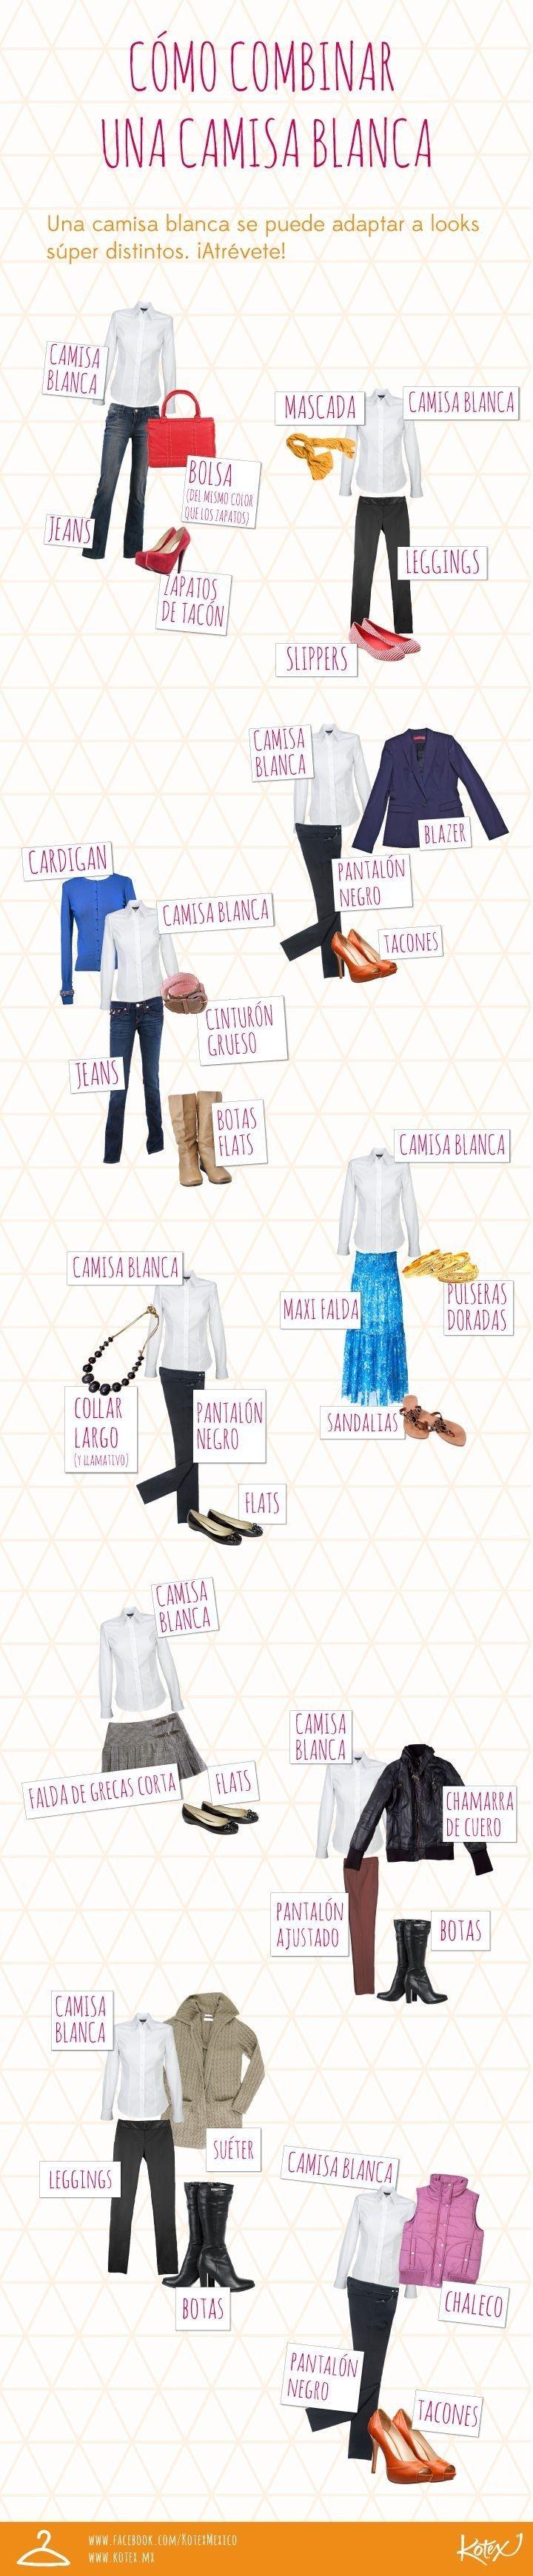 18 Guías visuales de estilo que toda mujer necesita en su vida